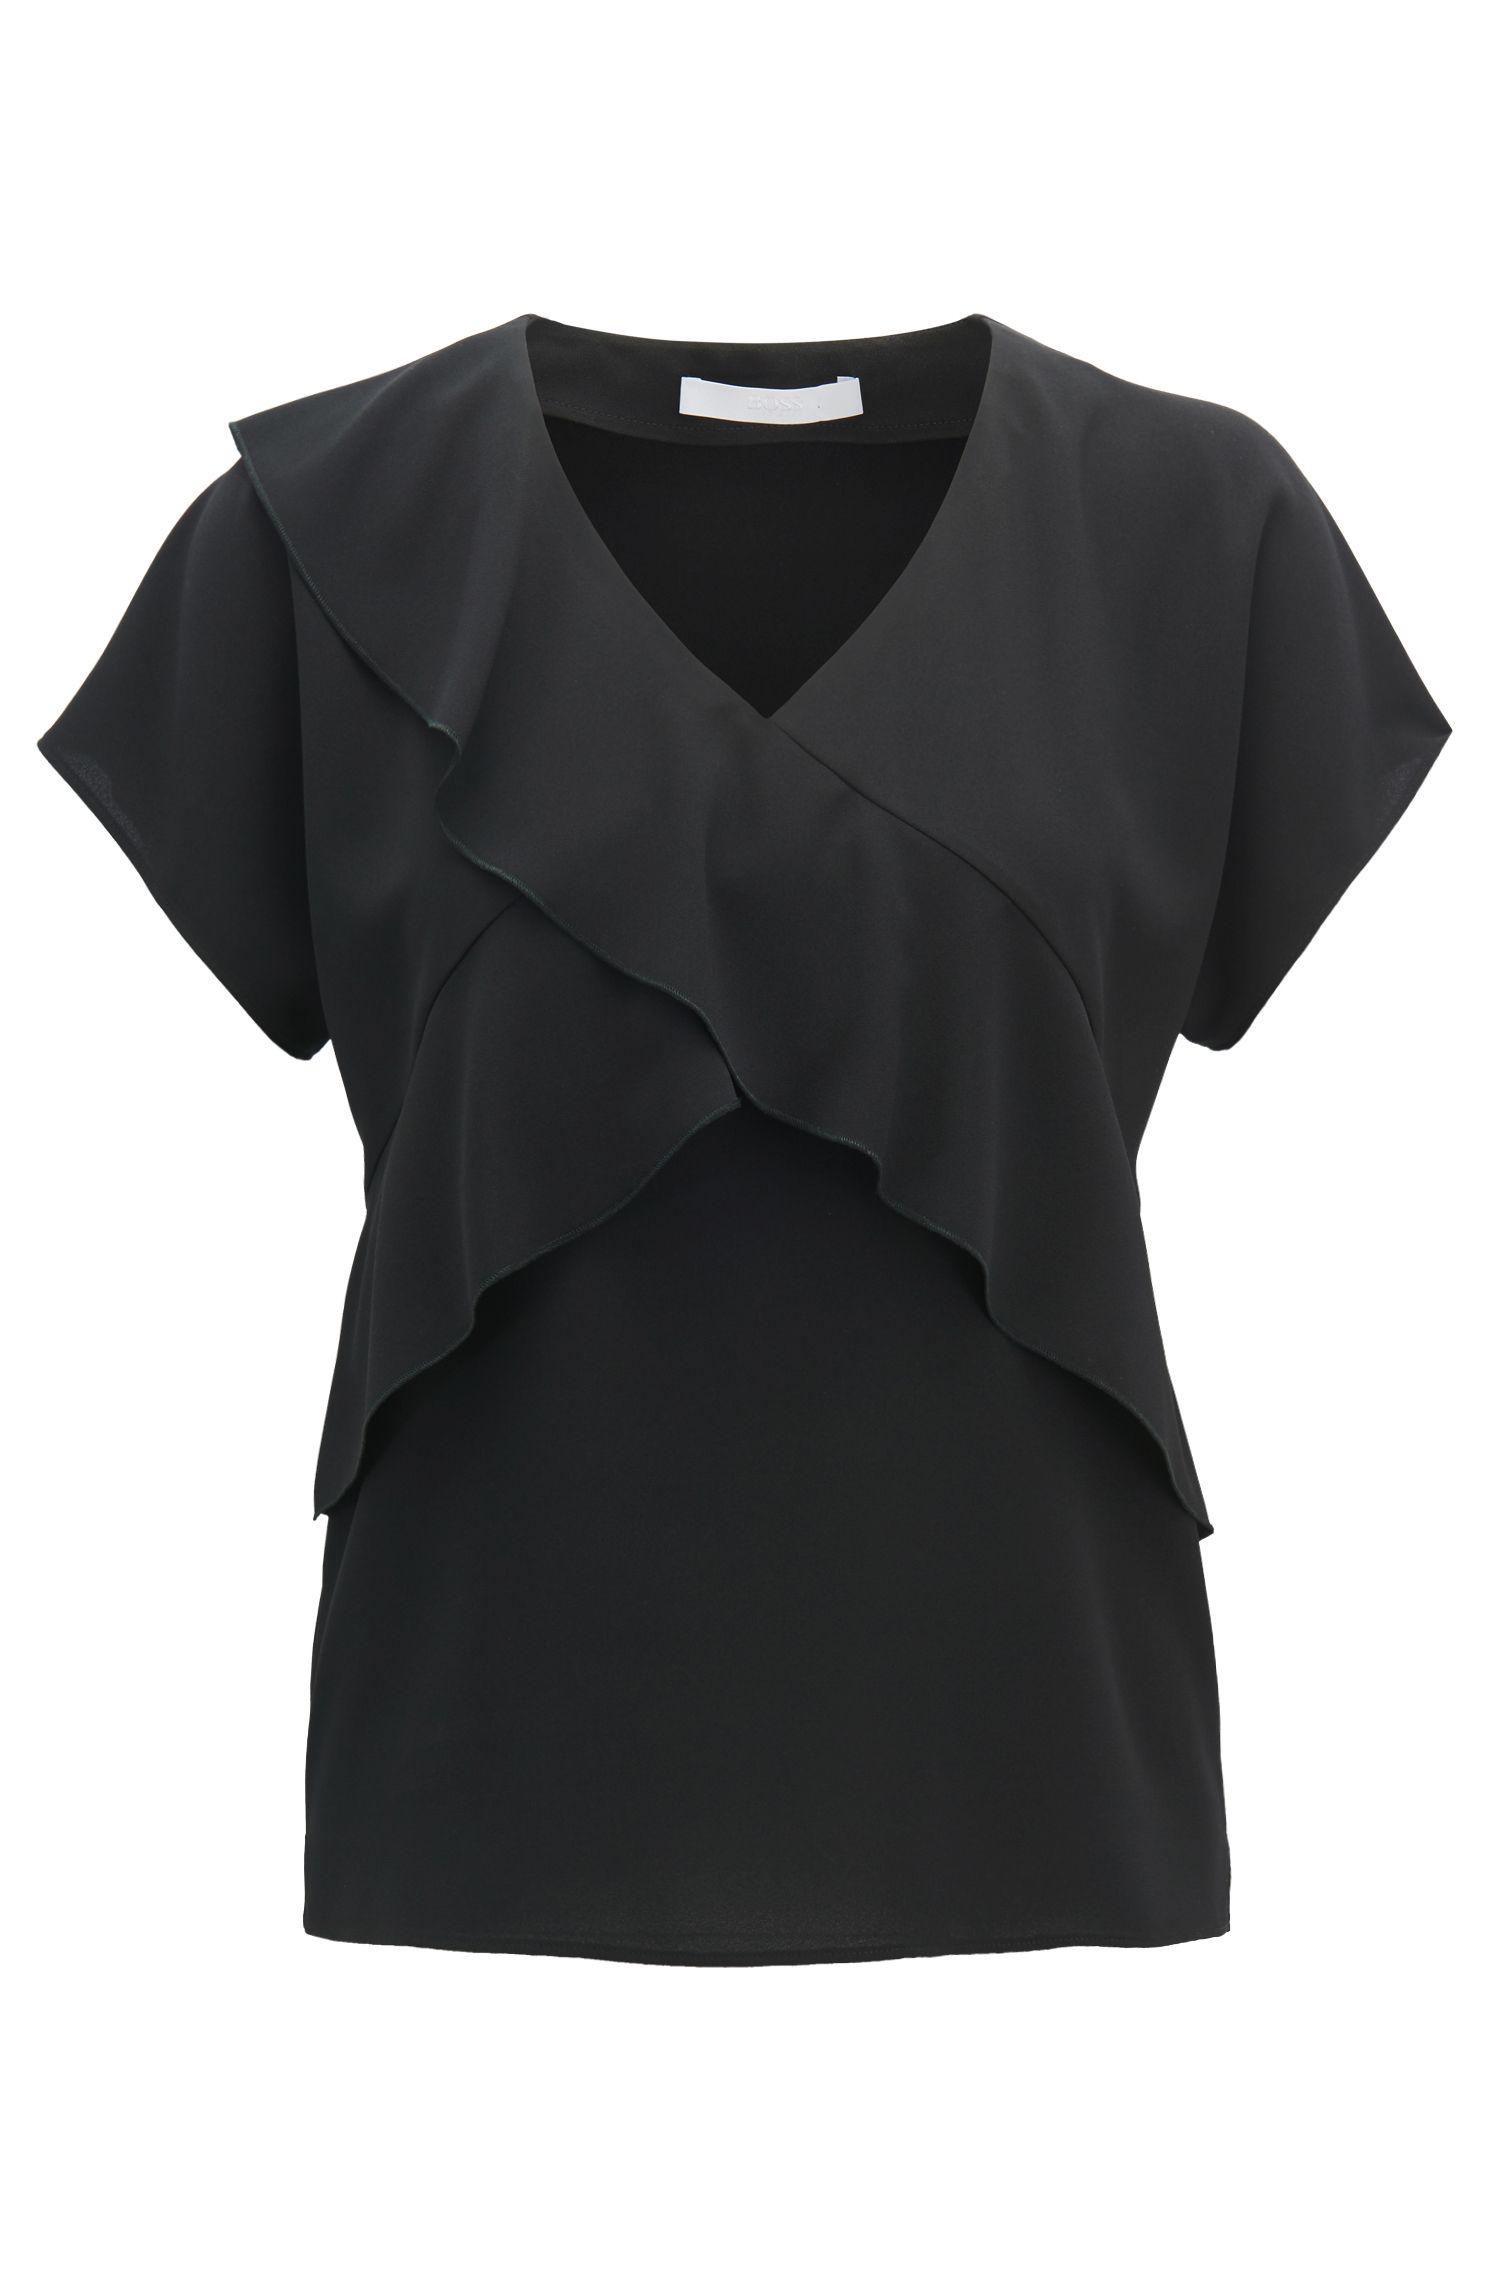 V-neck frilled top in crinkled stretch crepe, Black